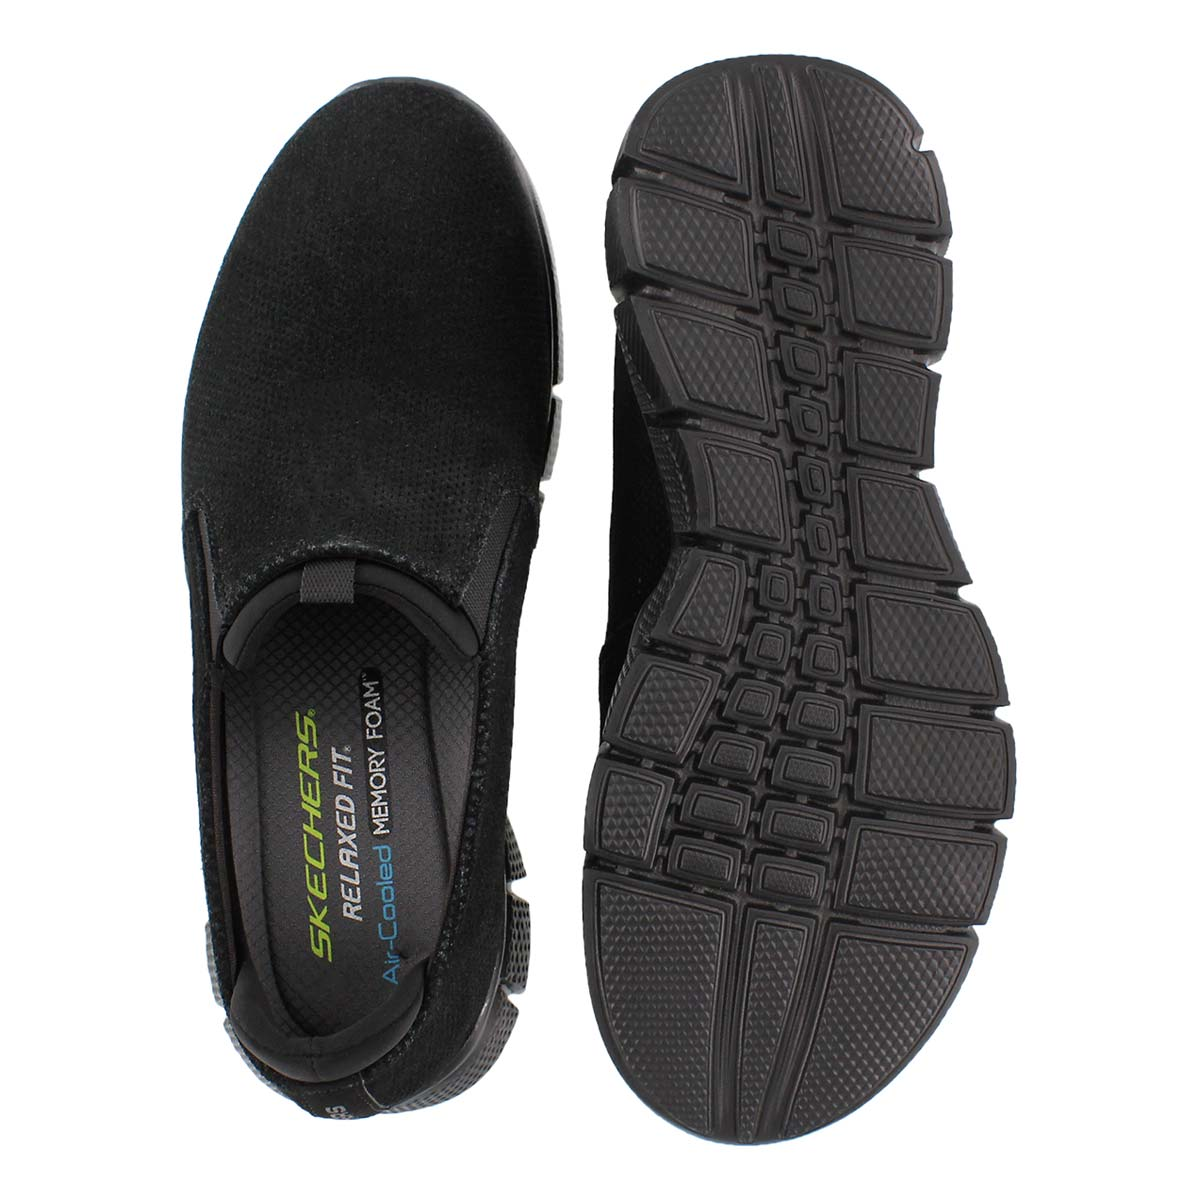 Mns Equalize 2.0 black slip on shoe